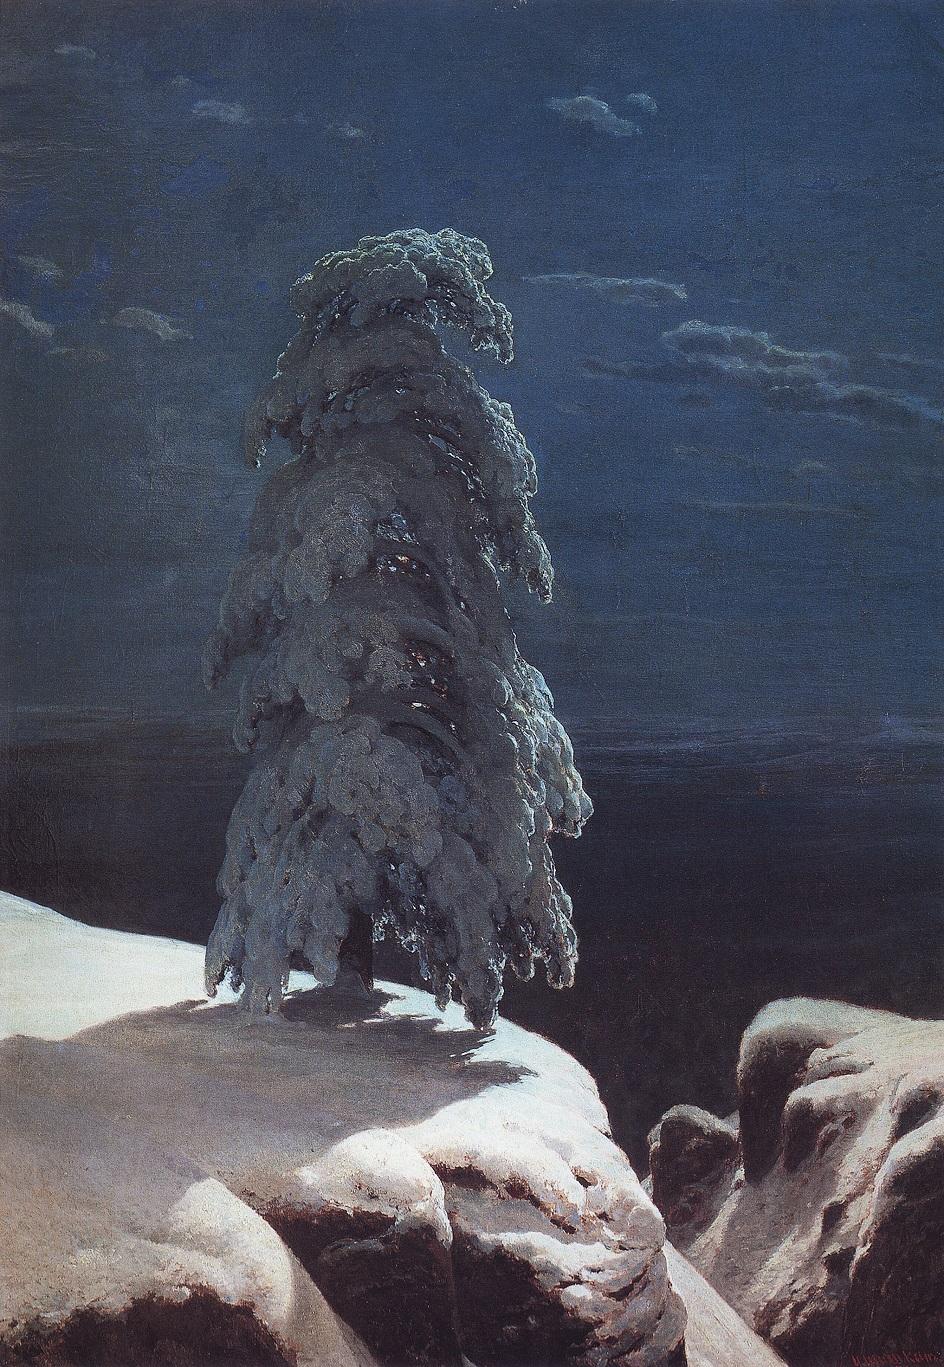 Картины русских художников о природе. Иван Шишкин. «На севере диком…»